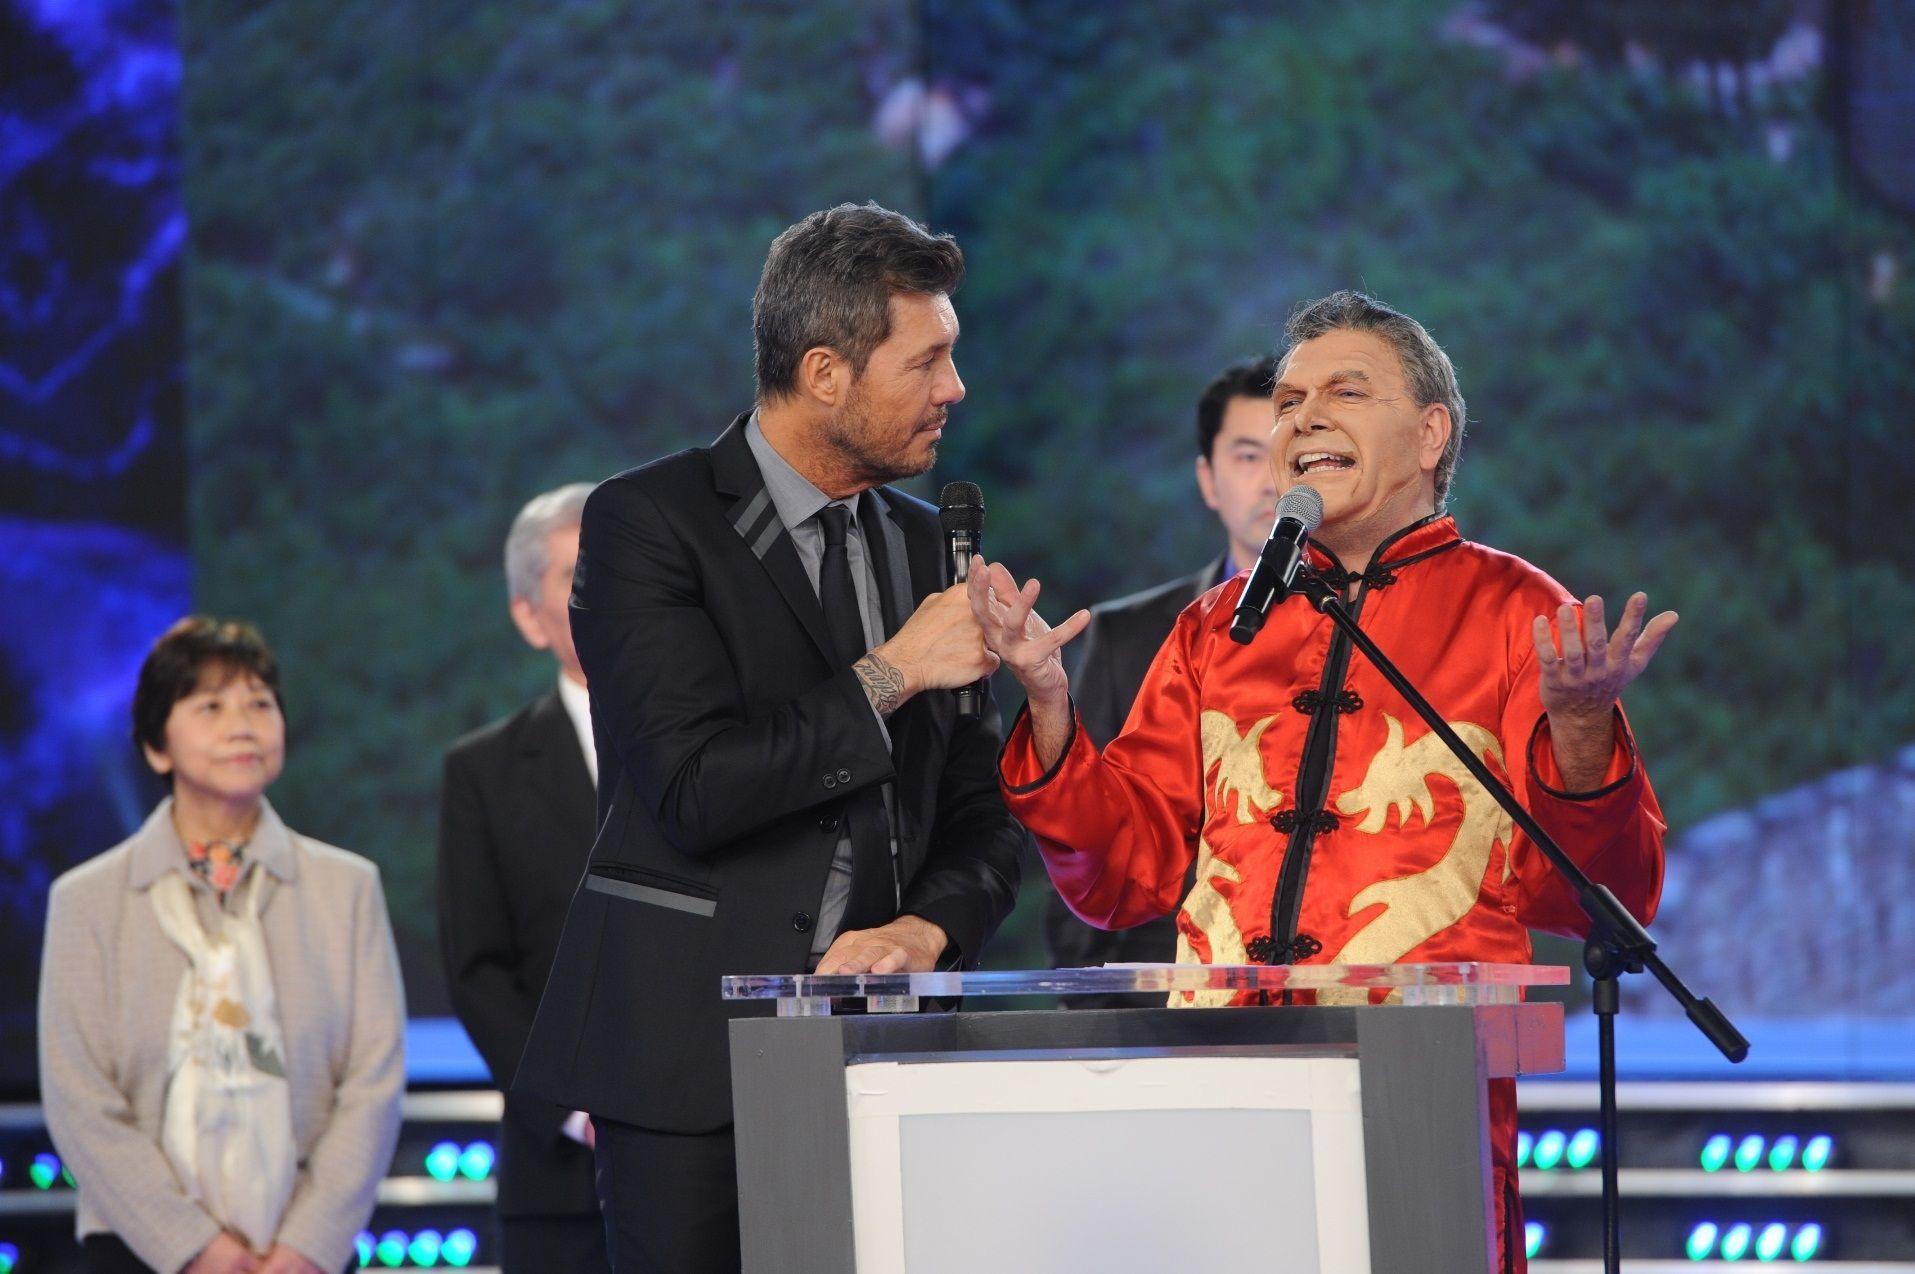 La parodia china de Fredy Villarreal a Macri en Gran Cuñado